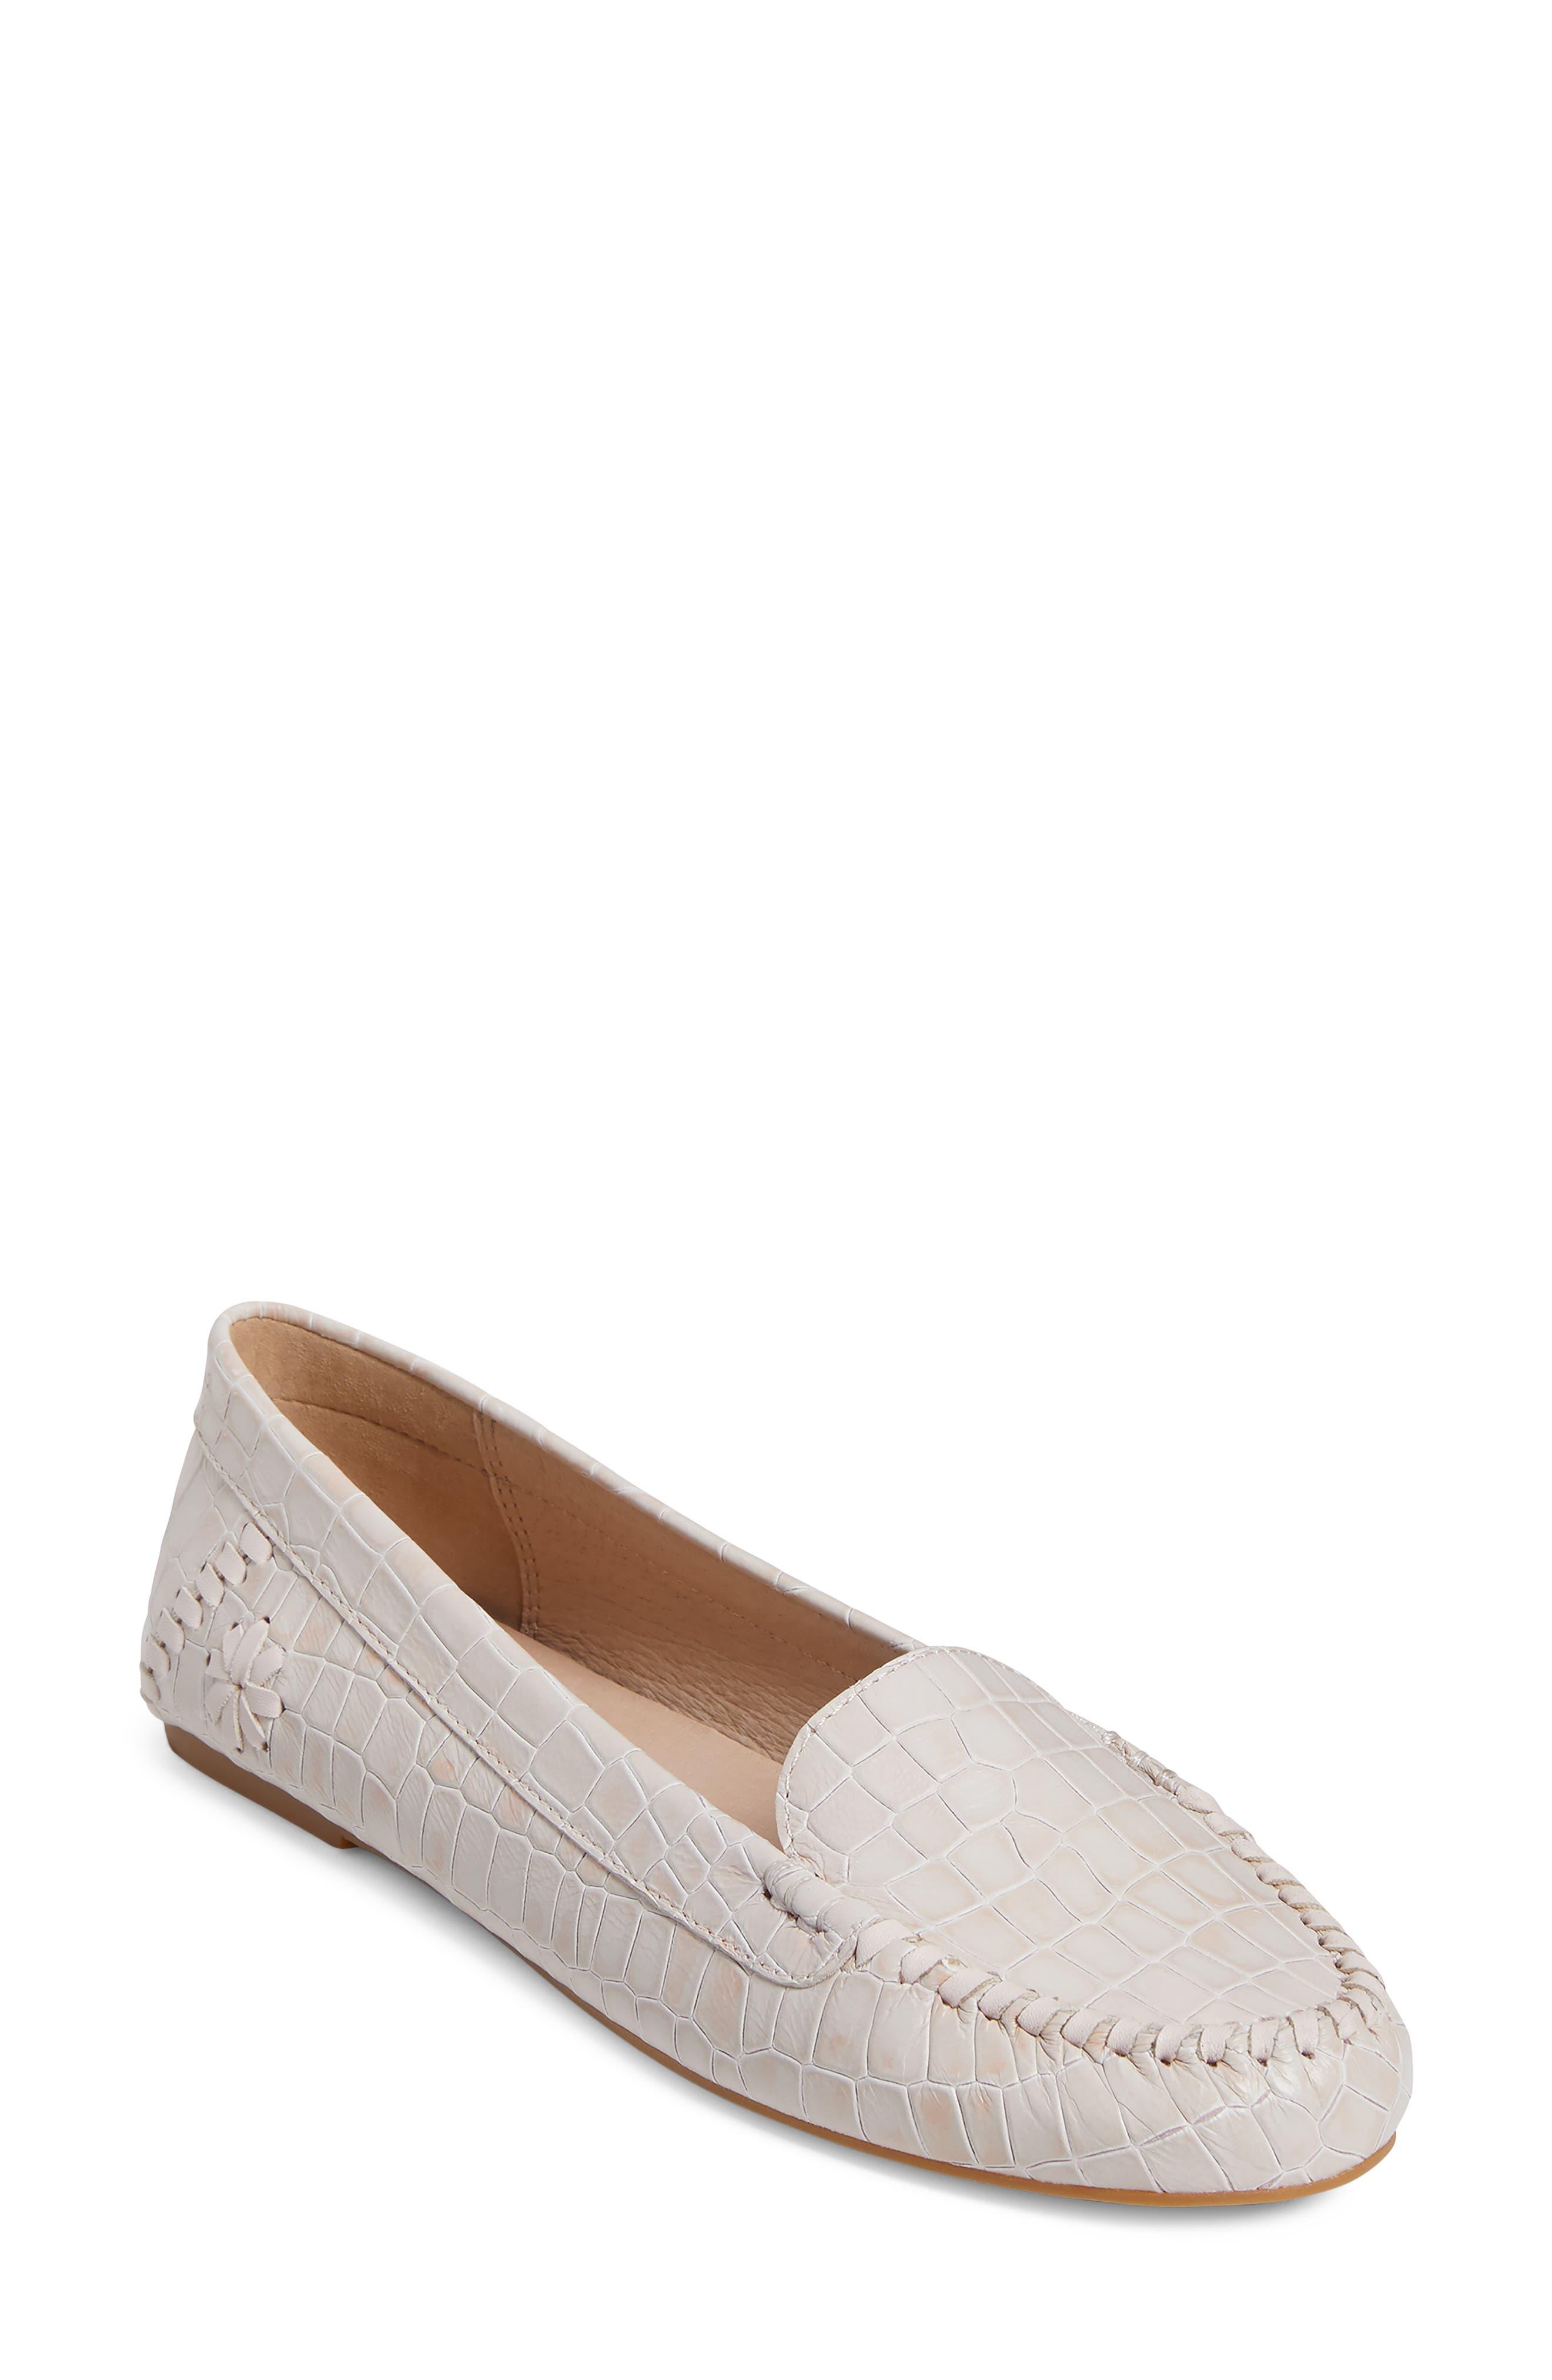 Millie Croc Embossed Loafer